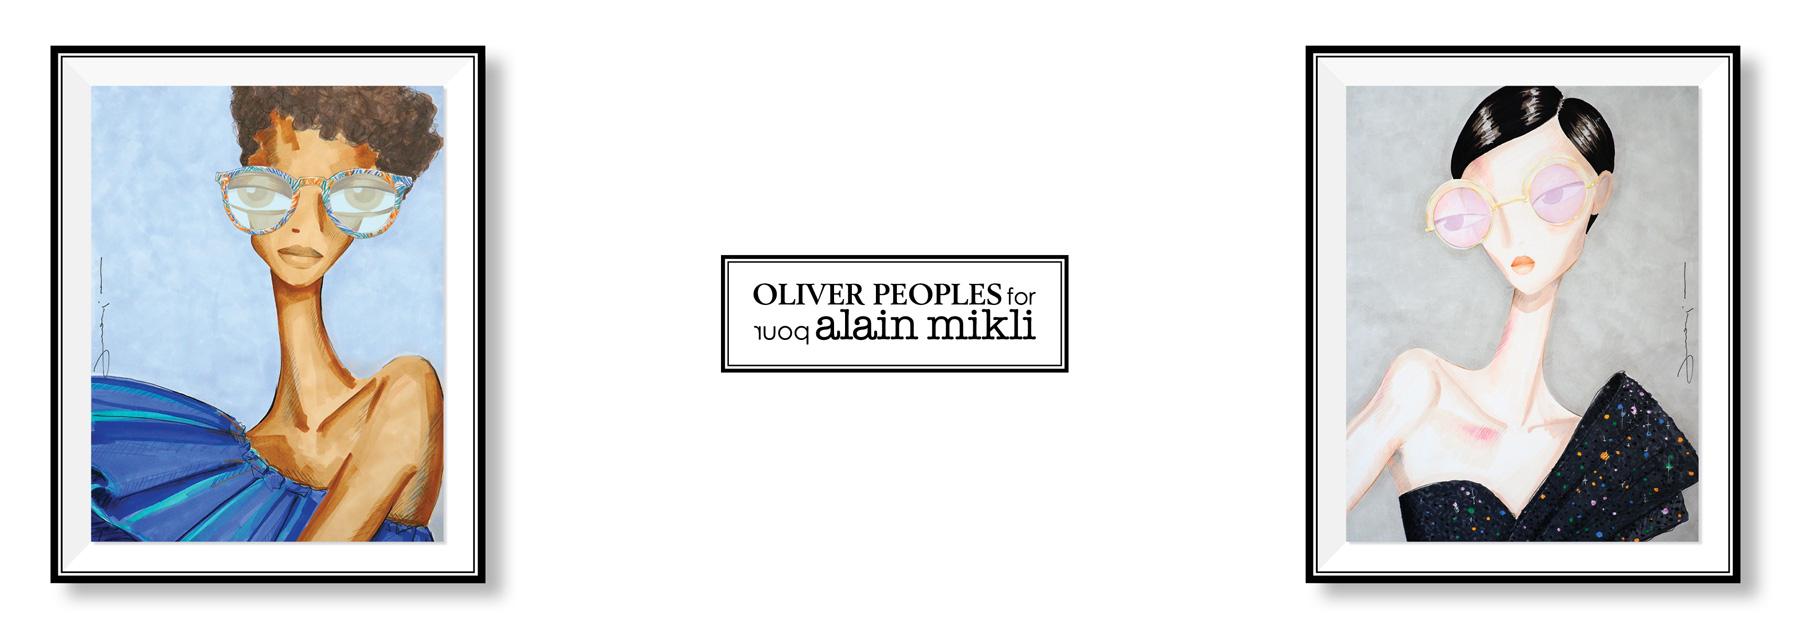 OLIVER PEOPLES X ALAIN MIKLI LES BELLES GUEULES OPTICIEN BORDEAUX